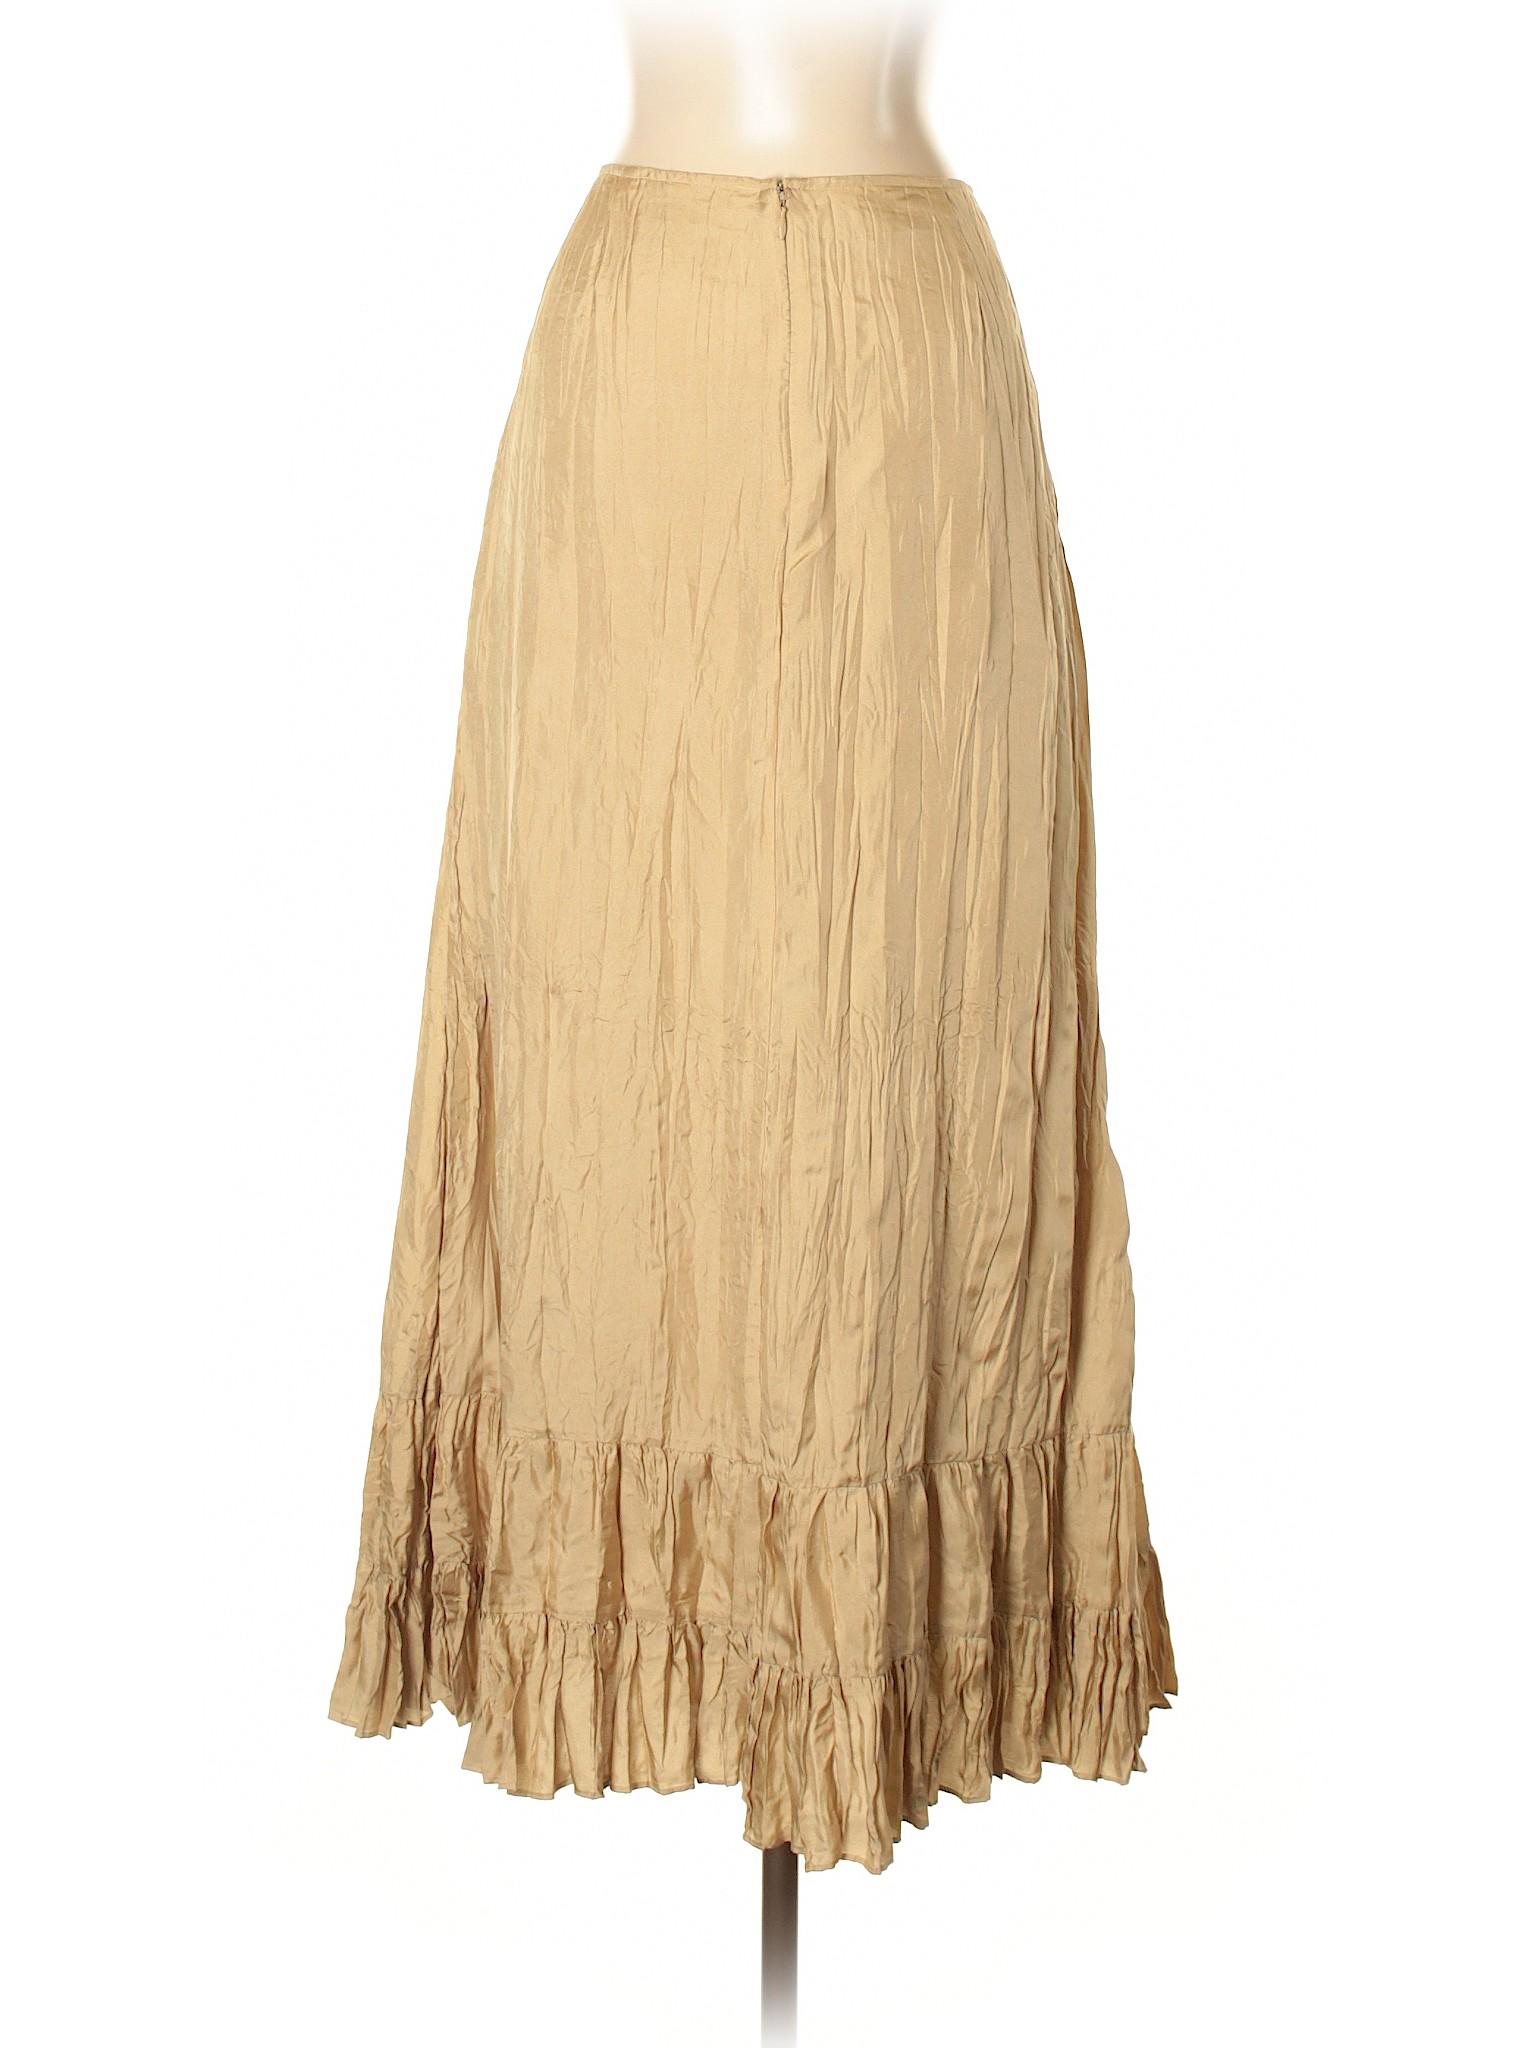 Skirt Boutique Boutique Silk Skirt Silk Skirt Silk Boutique Boutique Skirt Boutique Silk Silk Skirt Boutique zxXCnq